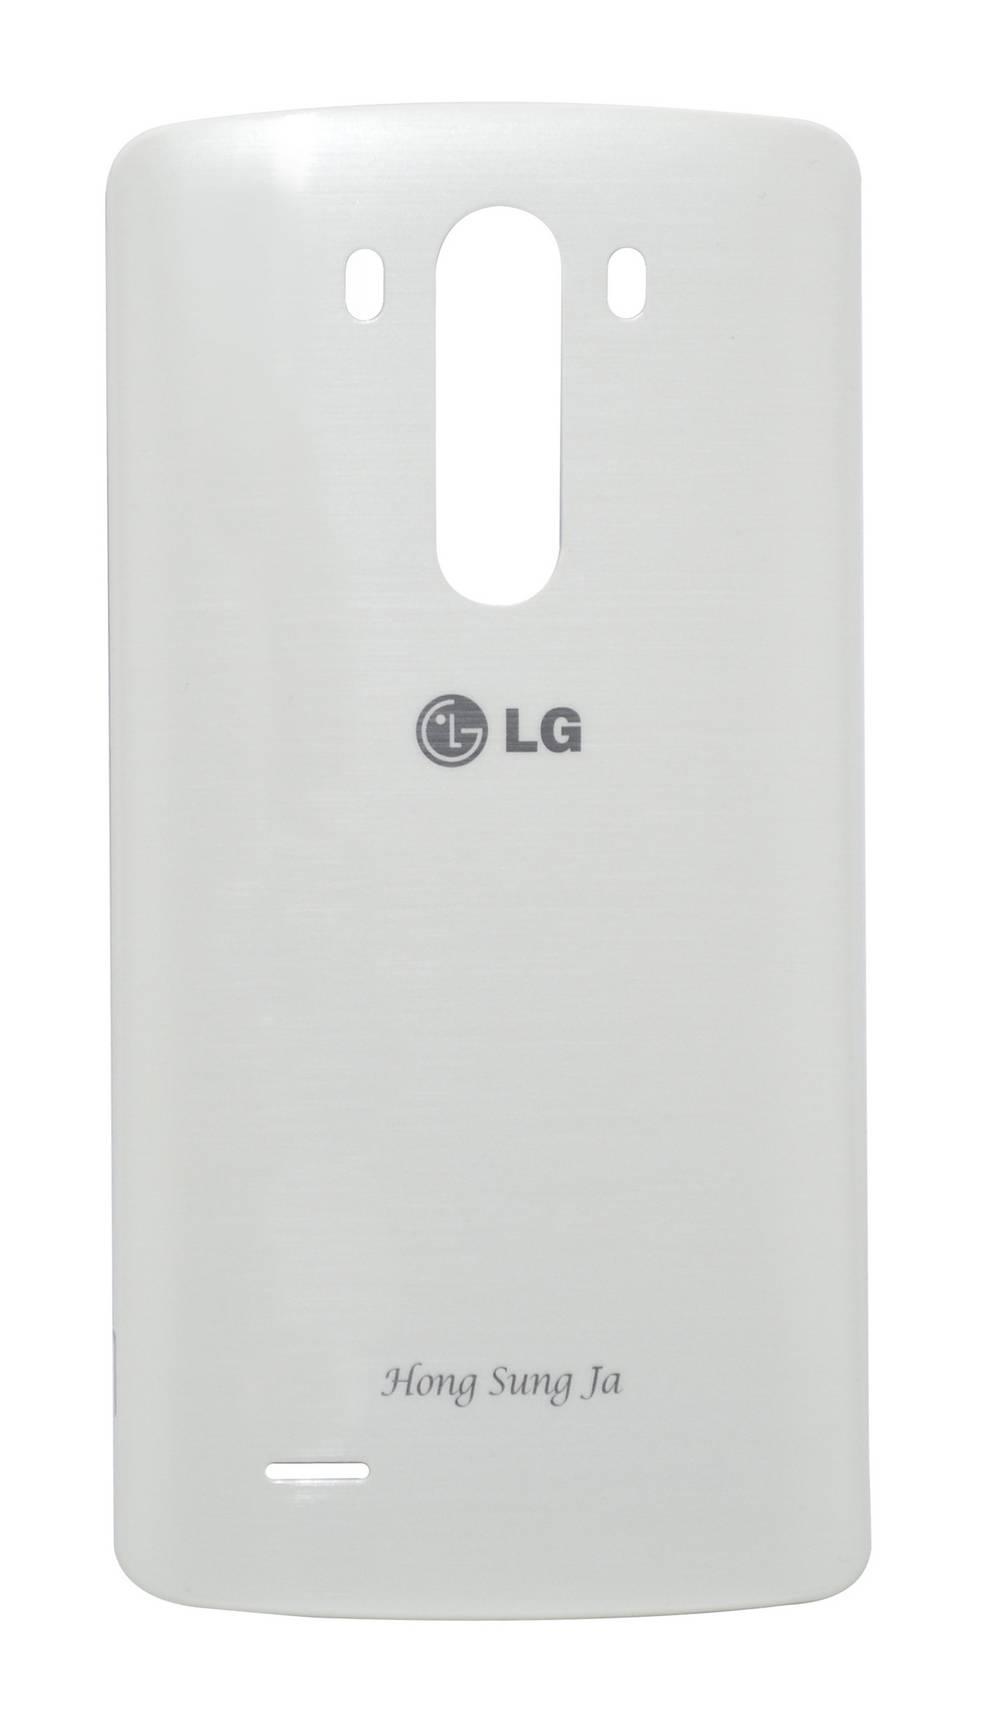 Καπάκι Μπαταρίας LG G3 D855 Λευκό με Κεραία NFC OEM Type A